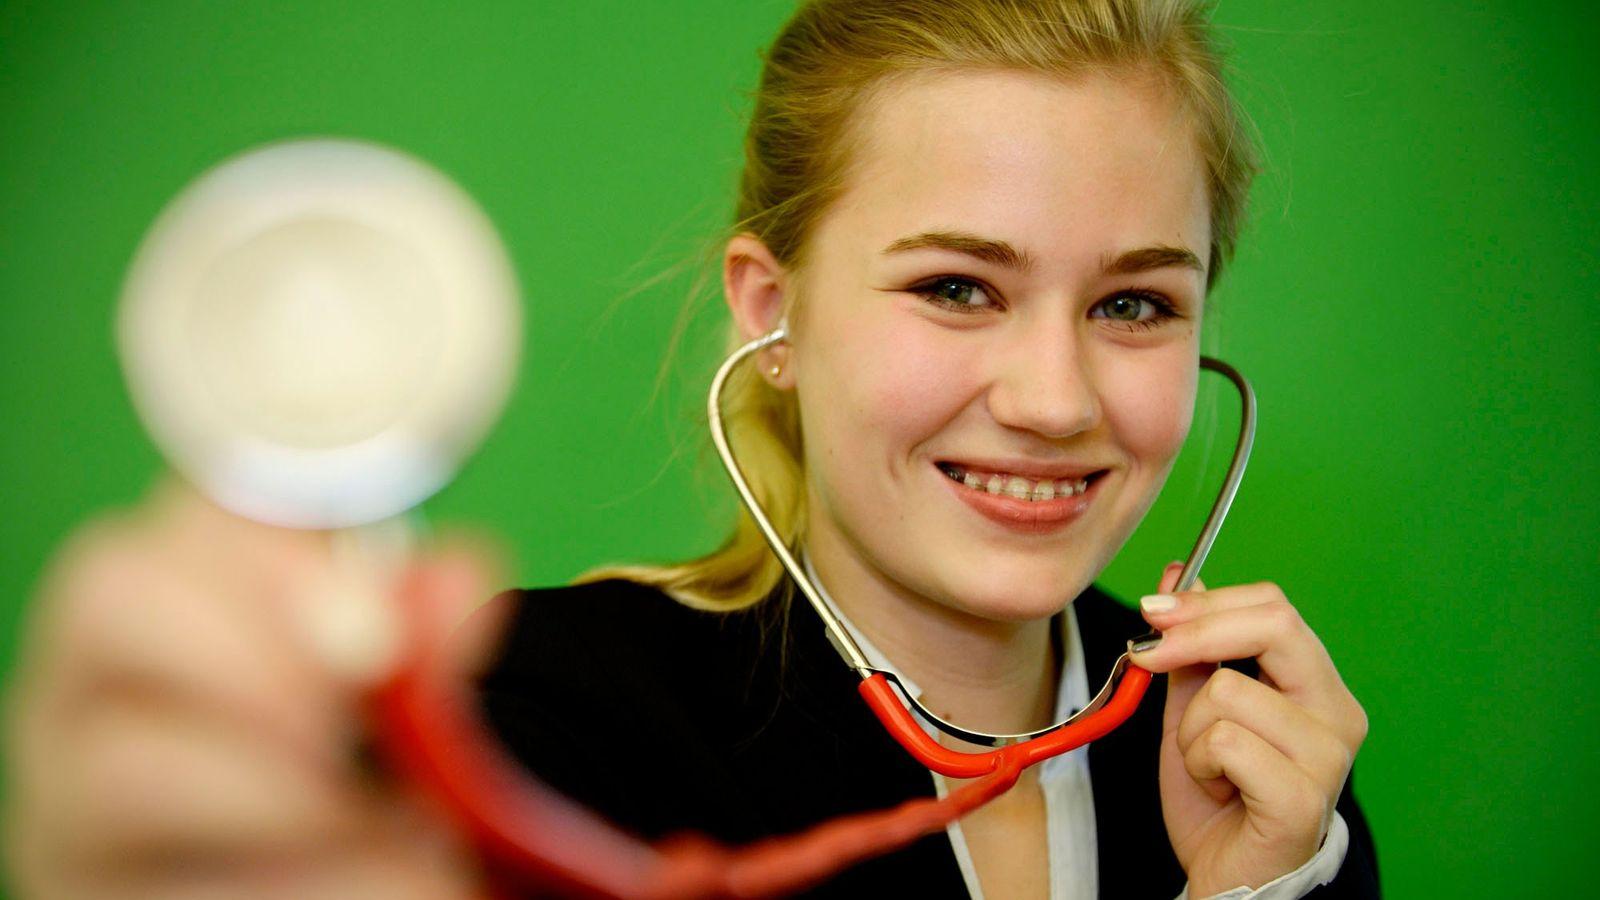 Rieke-Marie Hackbarth bei Jugend forscht